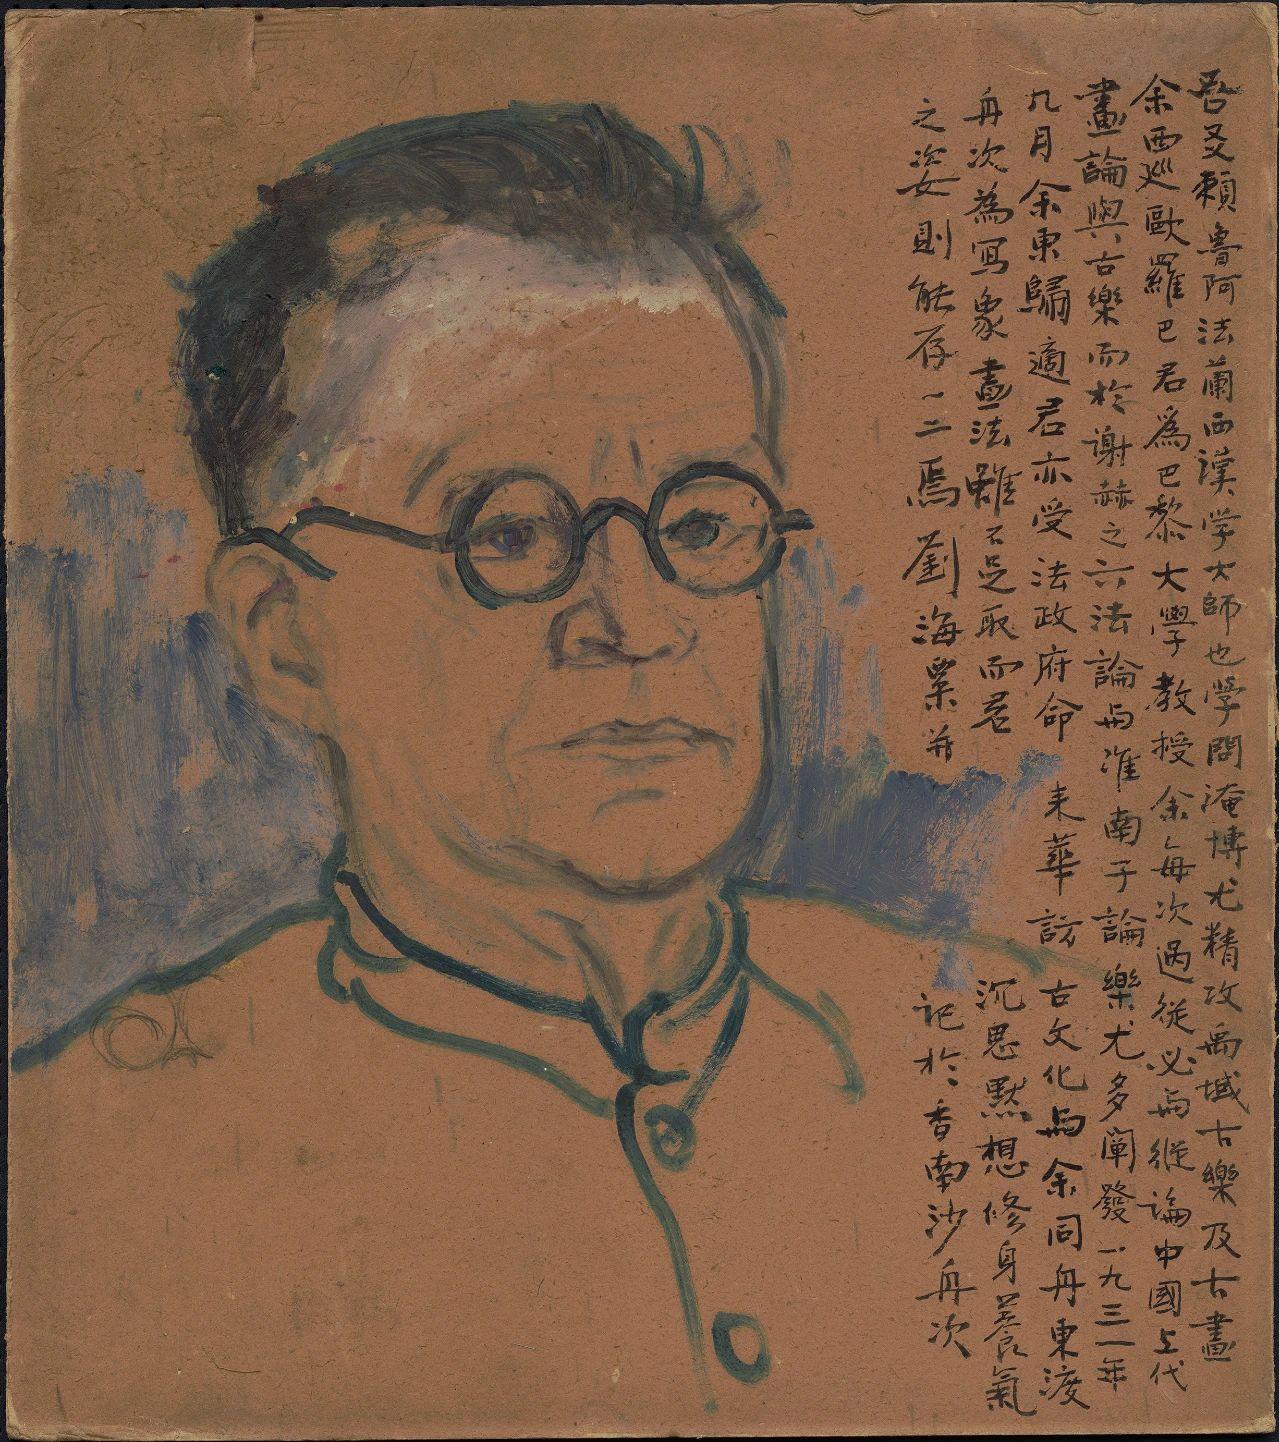 《赖鲁阿头像》 刘海粟46.5×41cm素描1931年